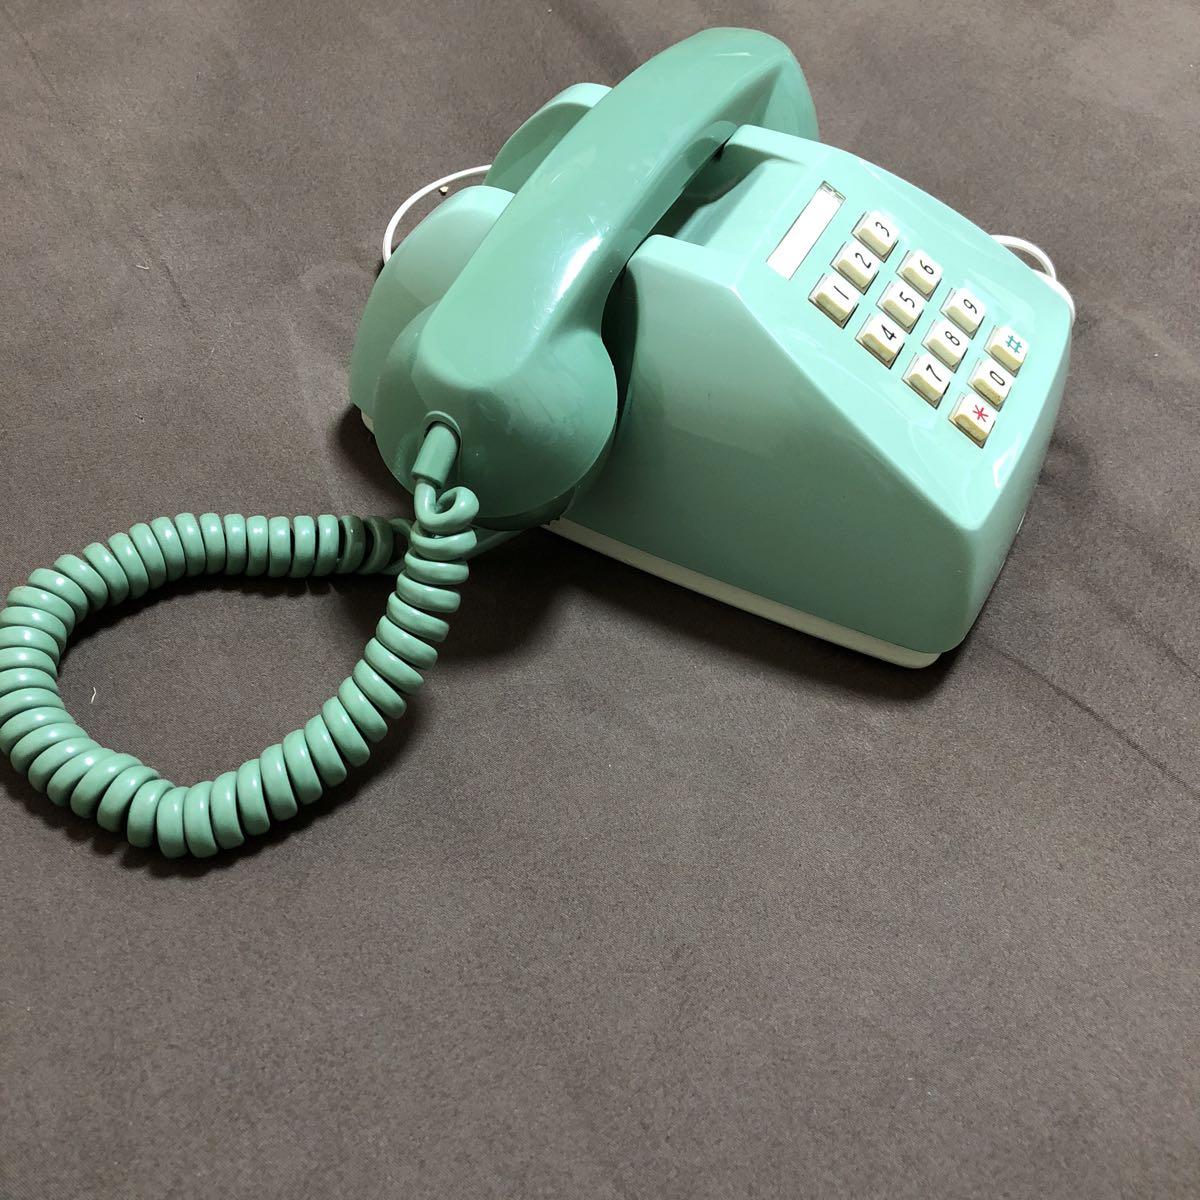 レトロ アンティーク プッシュ式電話機 600-P 日本電信電話公社 プッシュホン グリーン 緑 置物 飾り インテリア_画像5